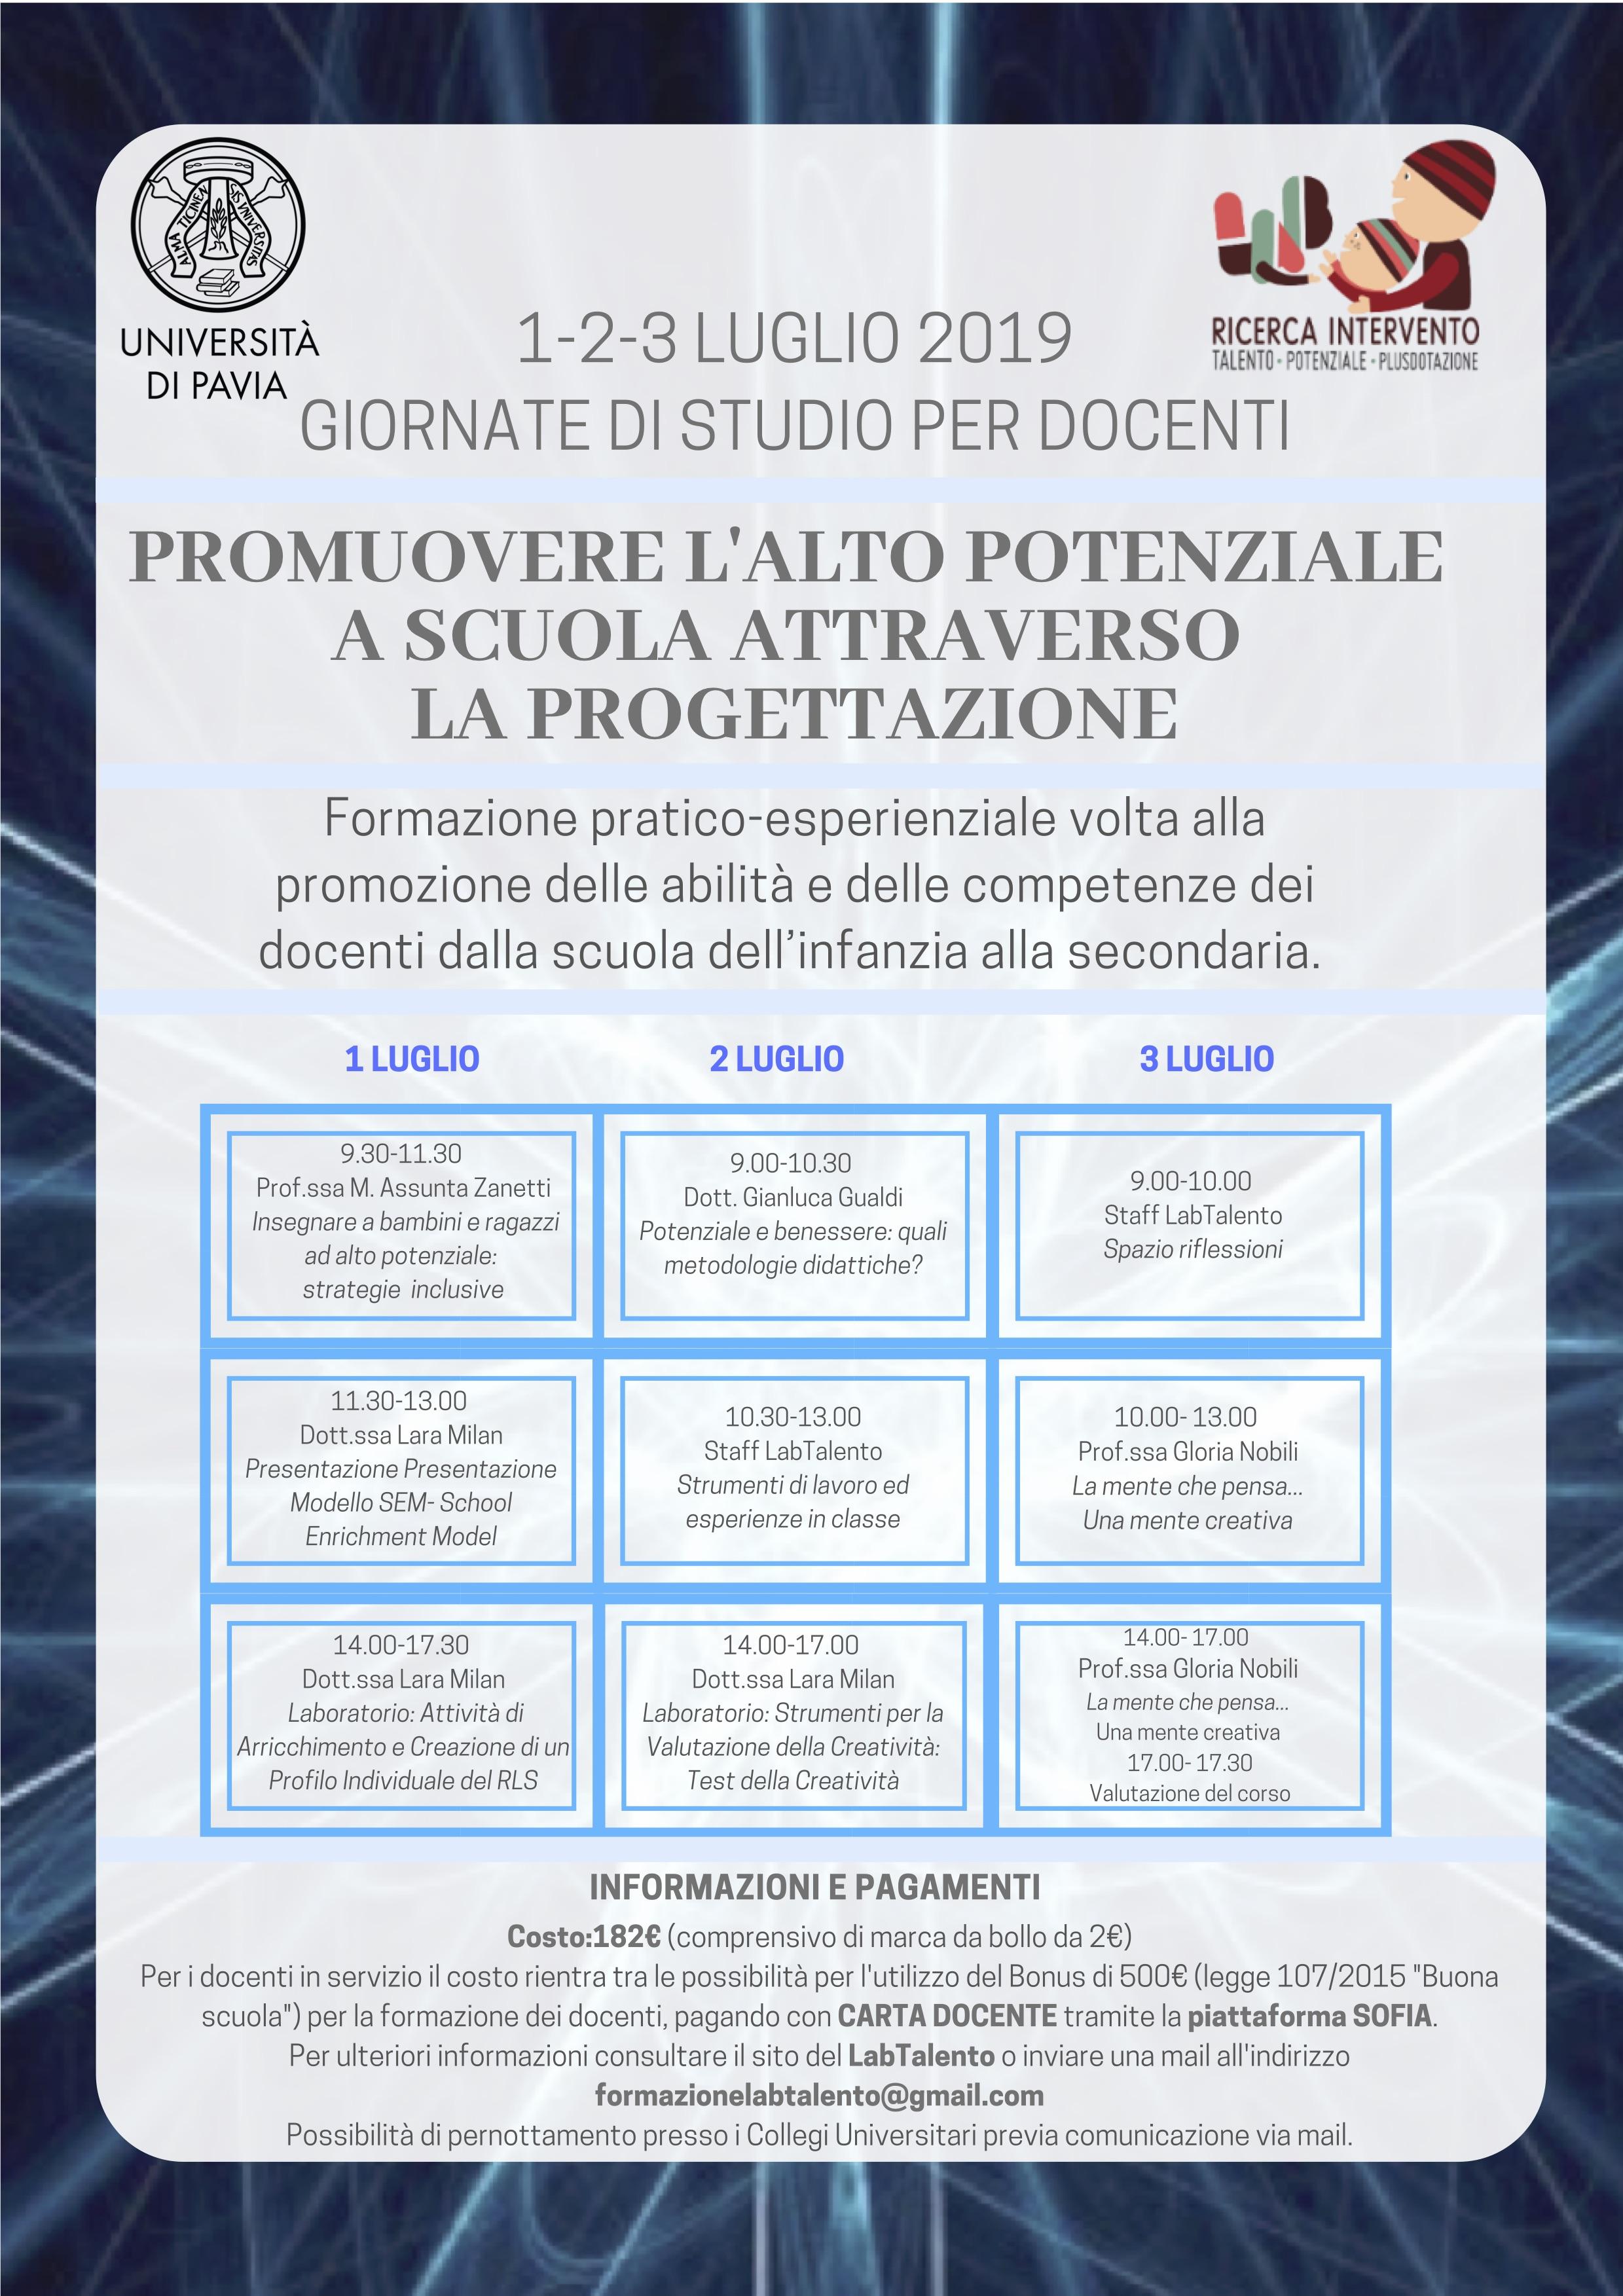 Copia di 1-2-3 luglio 2019 giornate di studio per docenti_programma